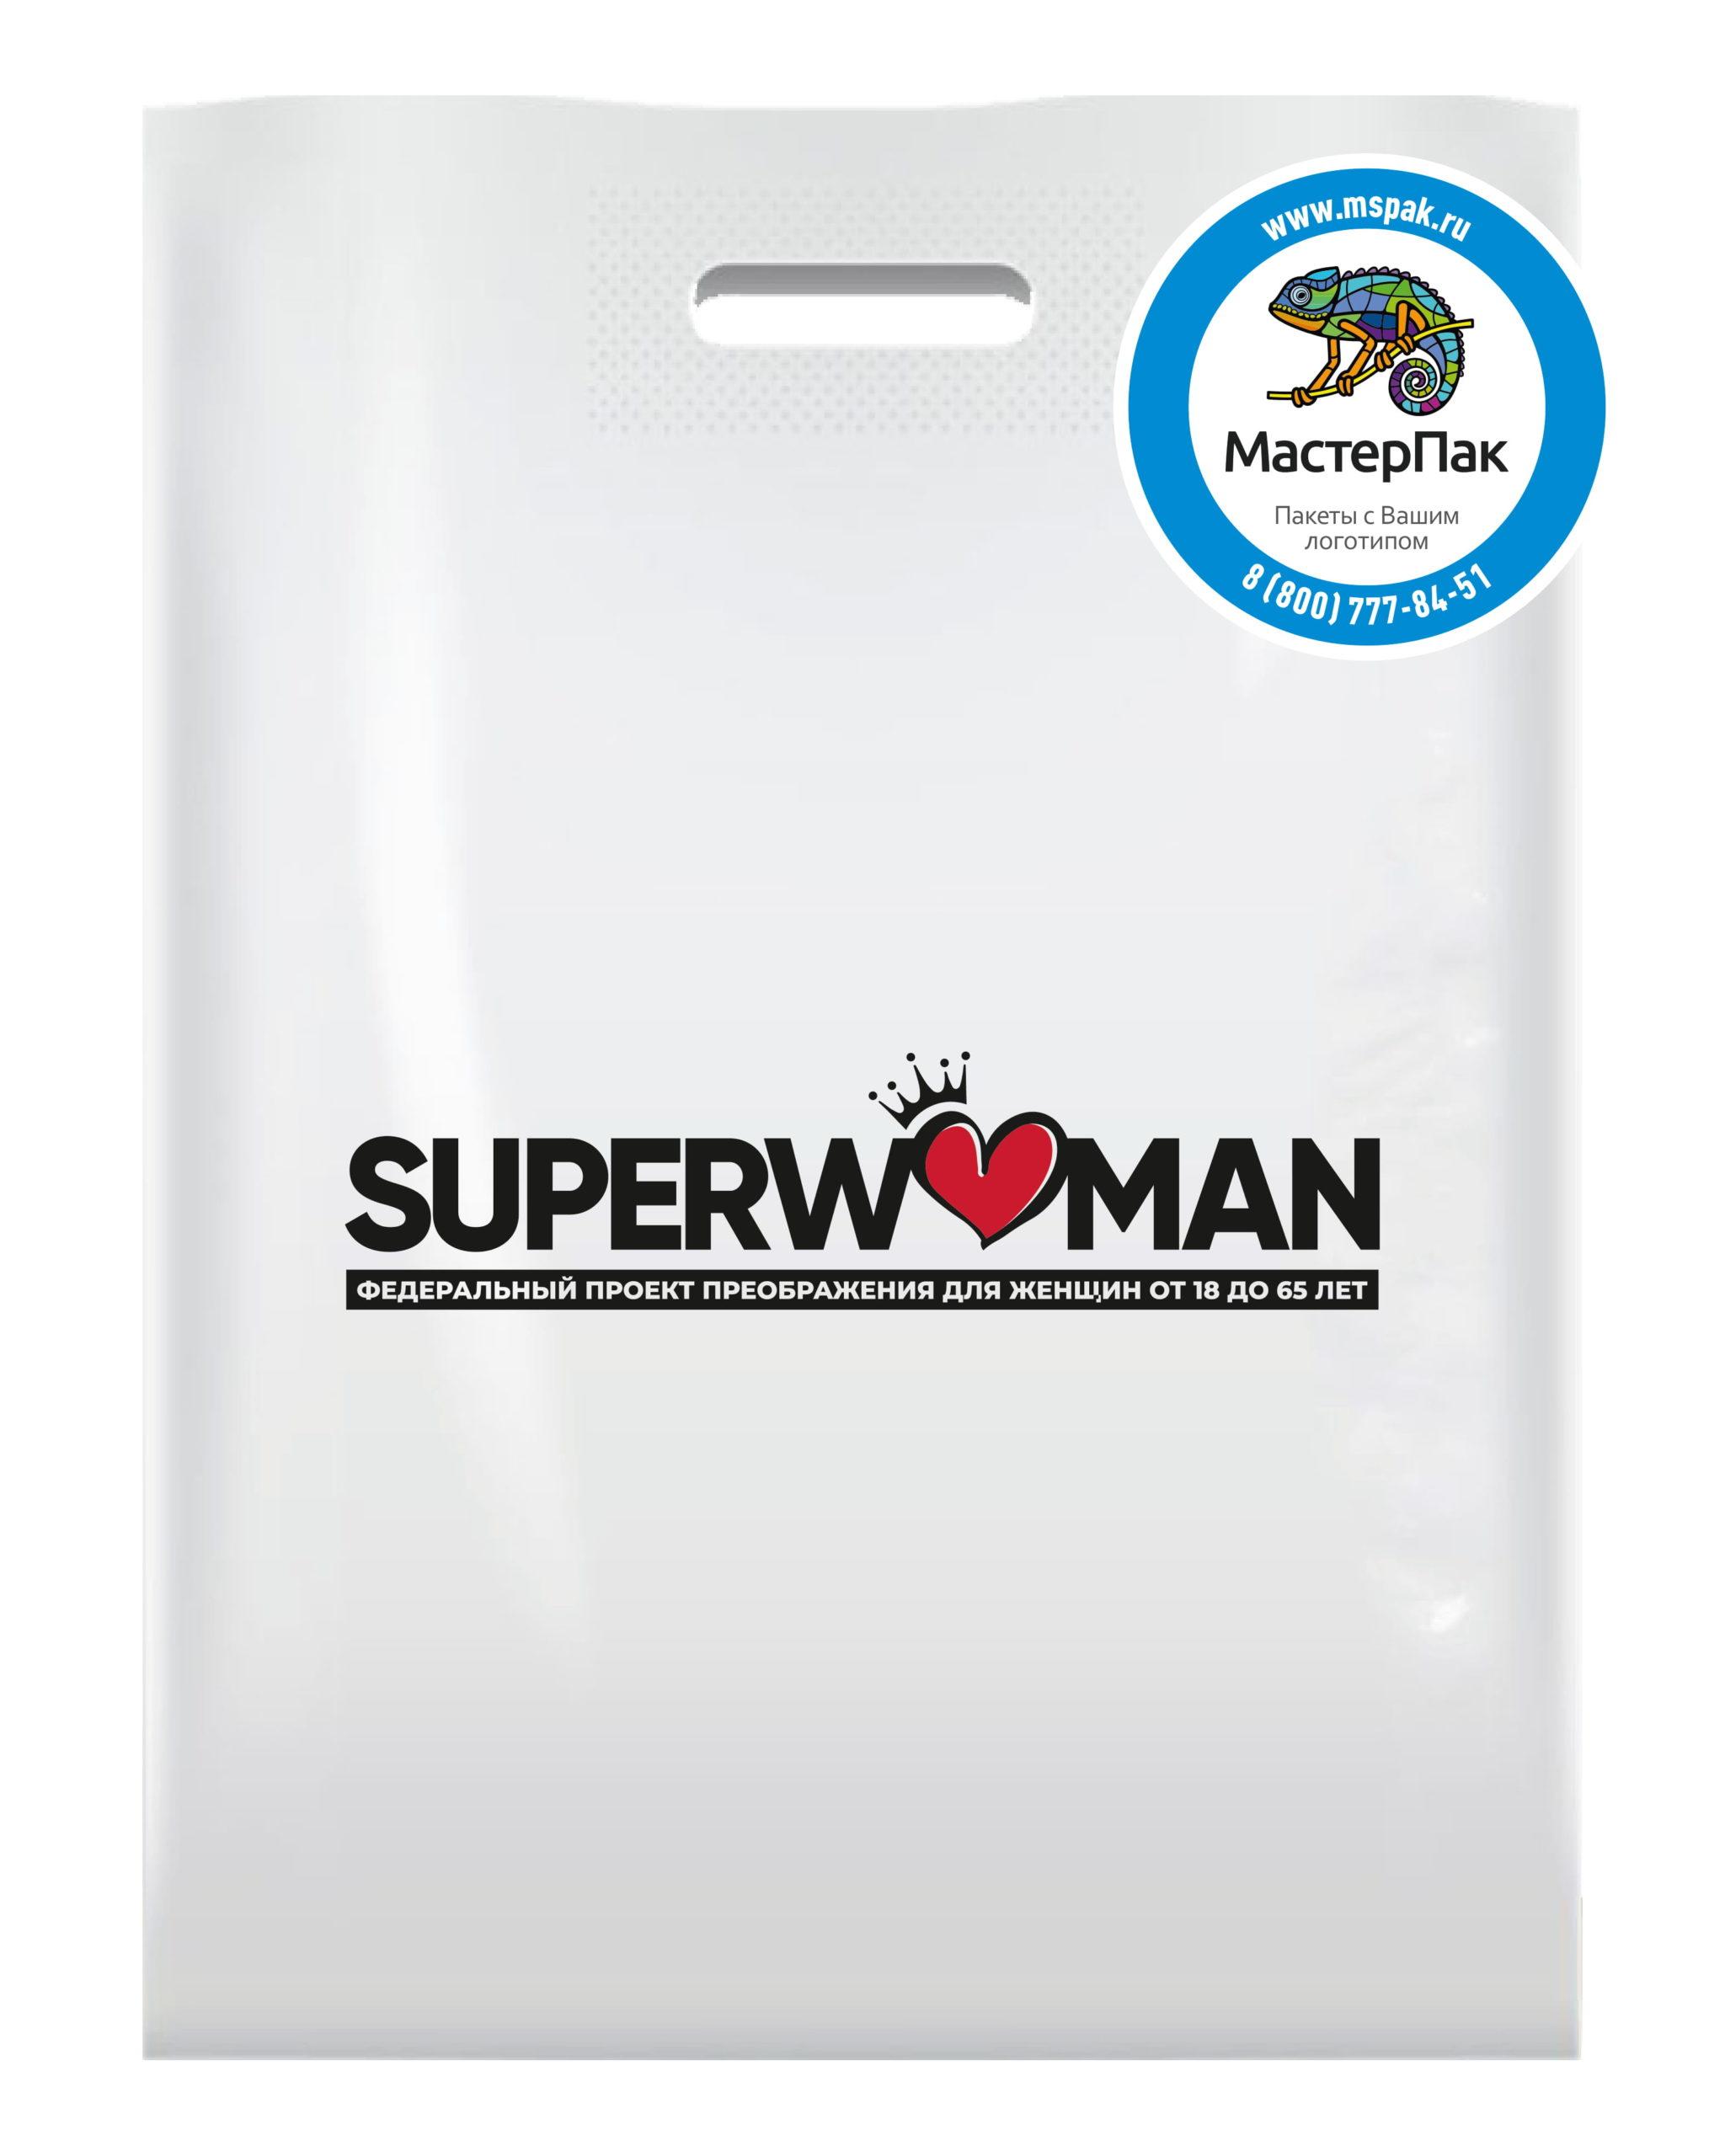 Пакет ПВД с вырубной ручкой и логотипом мероприятия Superwoman, Москва